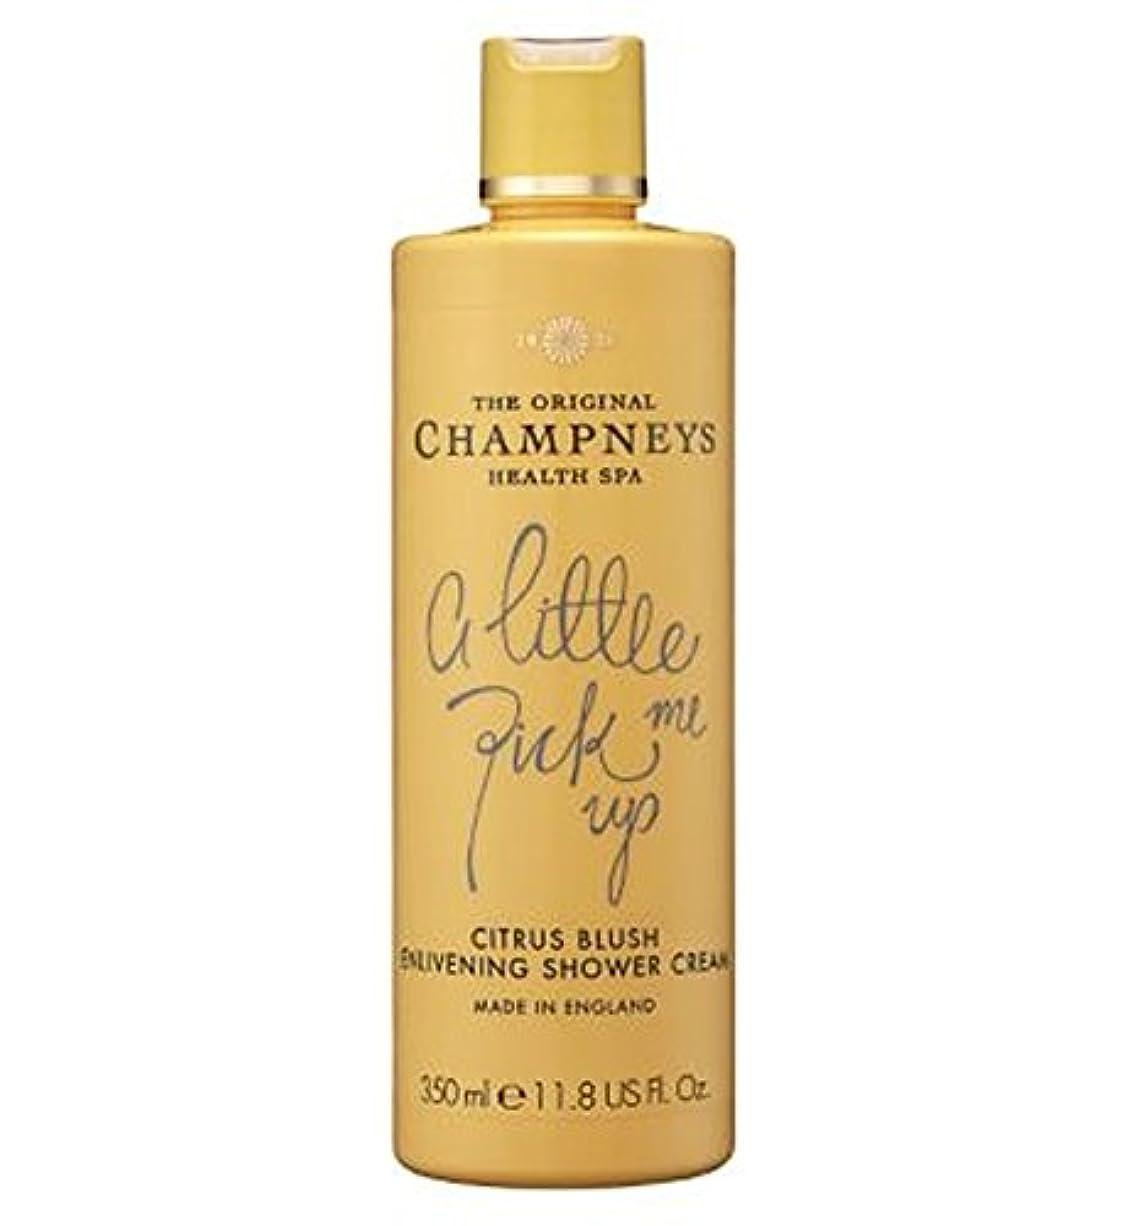 幾分邪魔する普遍的なChampneys Citrus Blush Enlivening Shower Cream 350ml - チャンプニーズシトラス赤面盛り上げシャワークリーム350ミリリットル (Champneys) [並行輸入品]